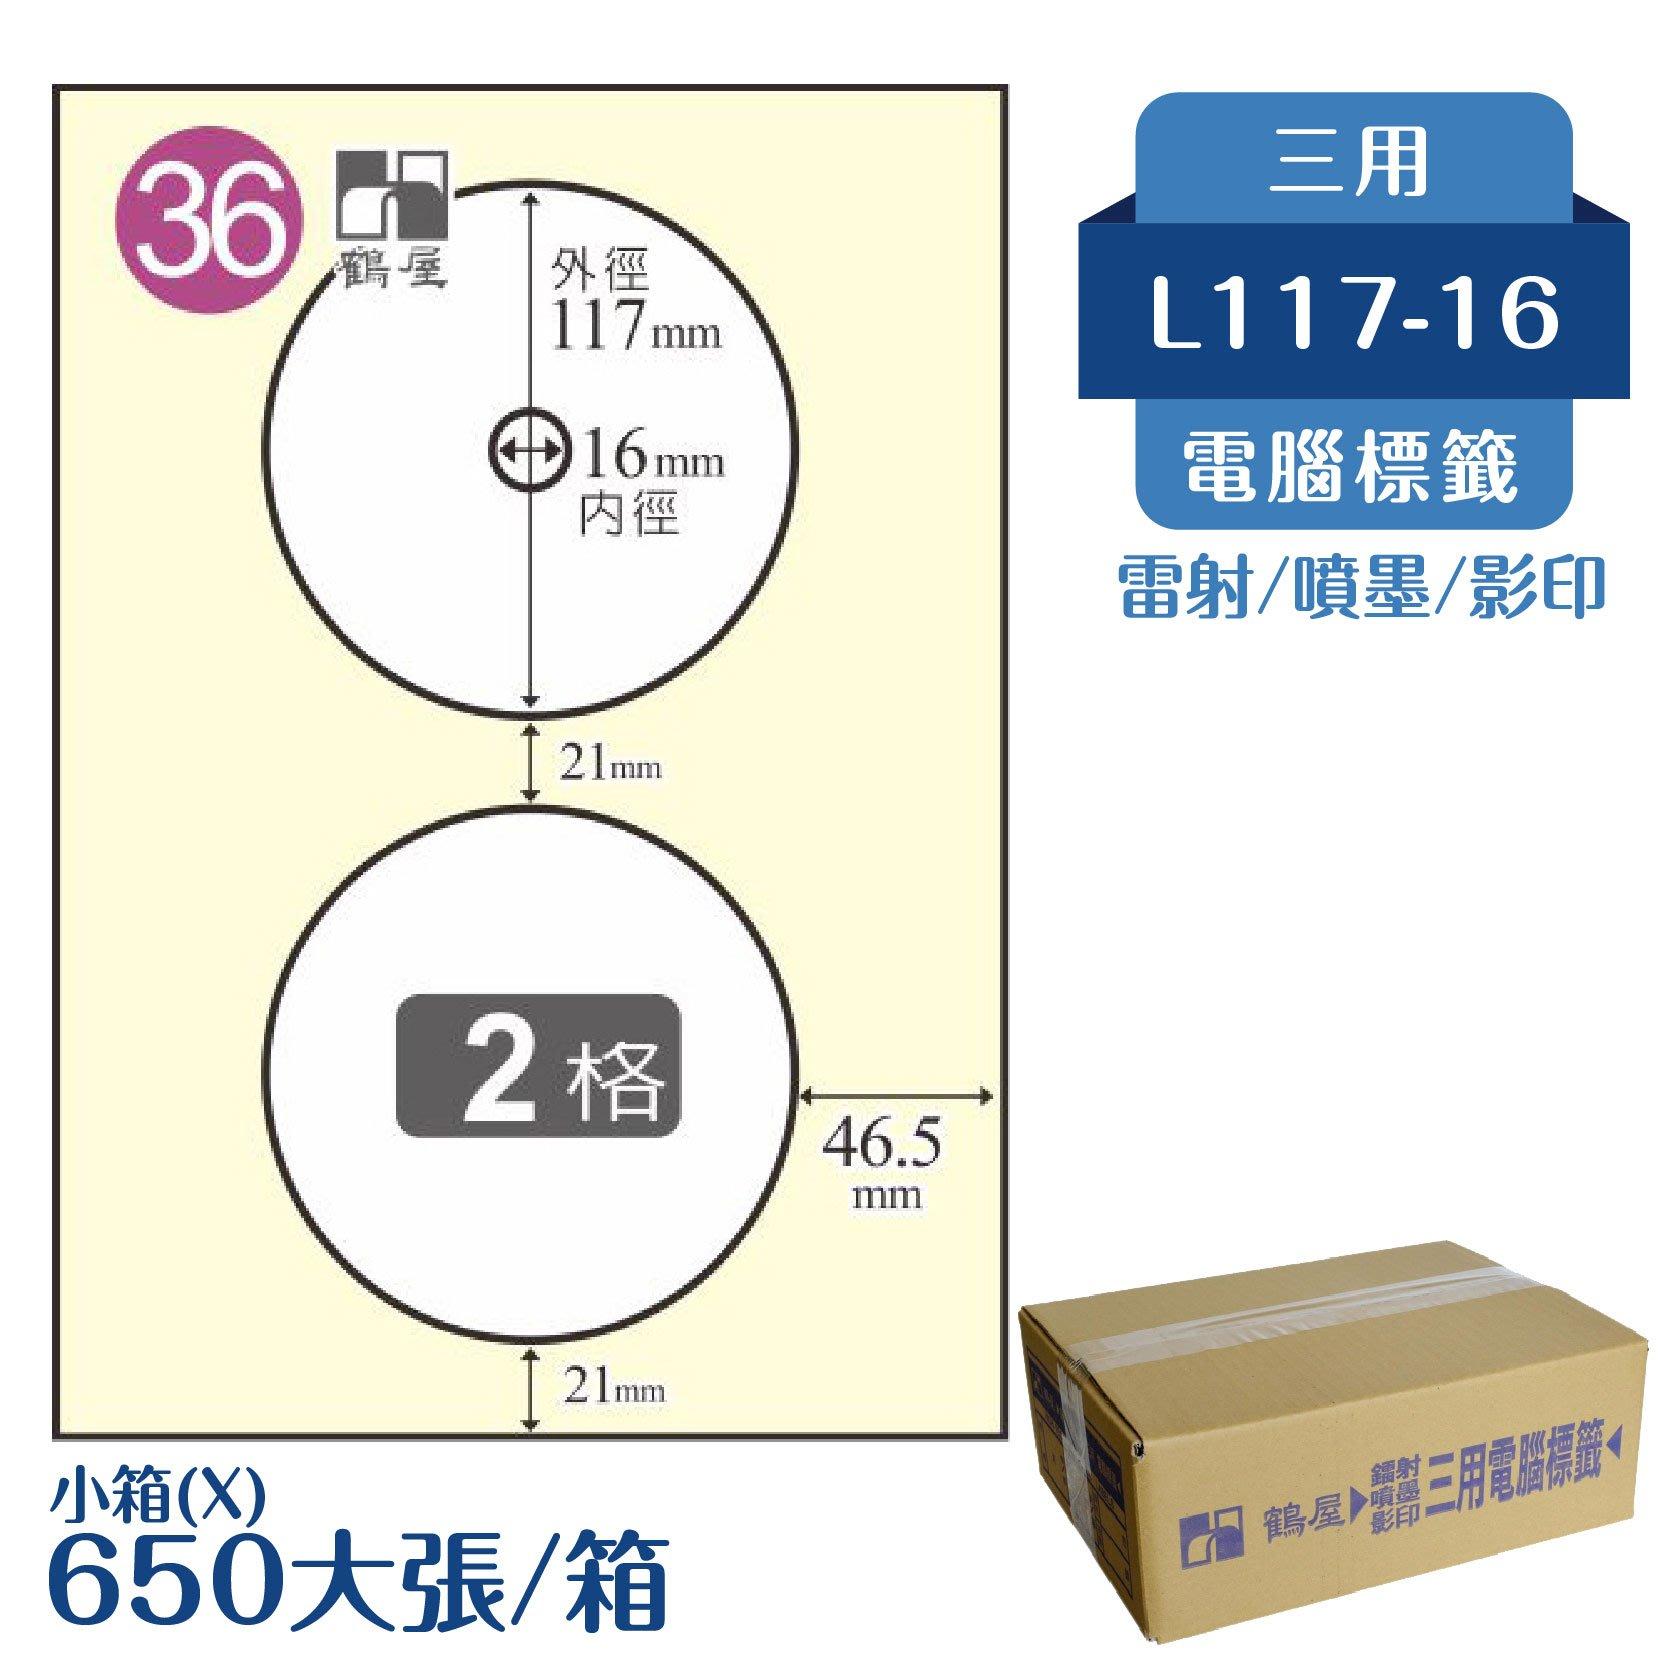 【嚴選品牌】鶴屋 電腦標籤紙 白 L117-16 2格 650大張/小箱 影印 雷射 噴墨 三用 標籤 出貨 貼紙 信封